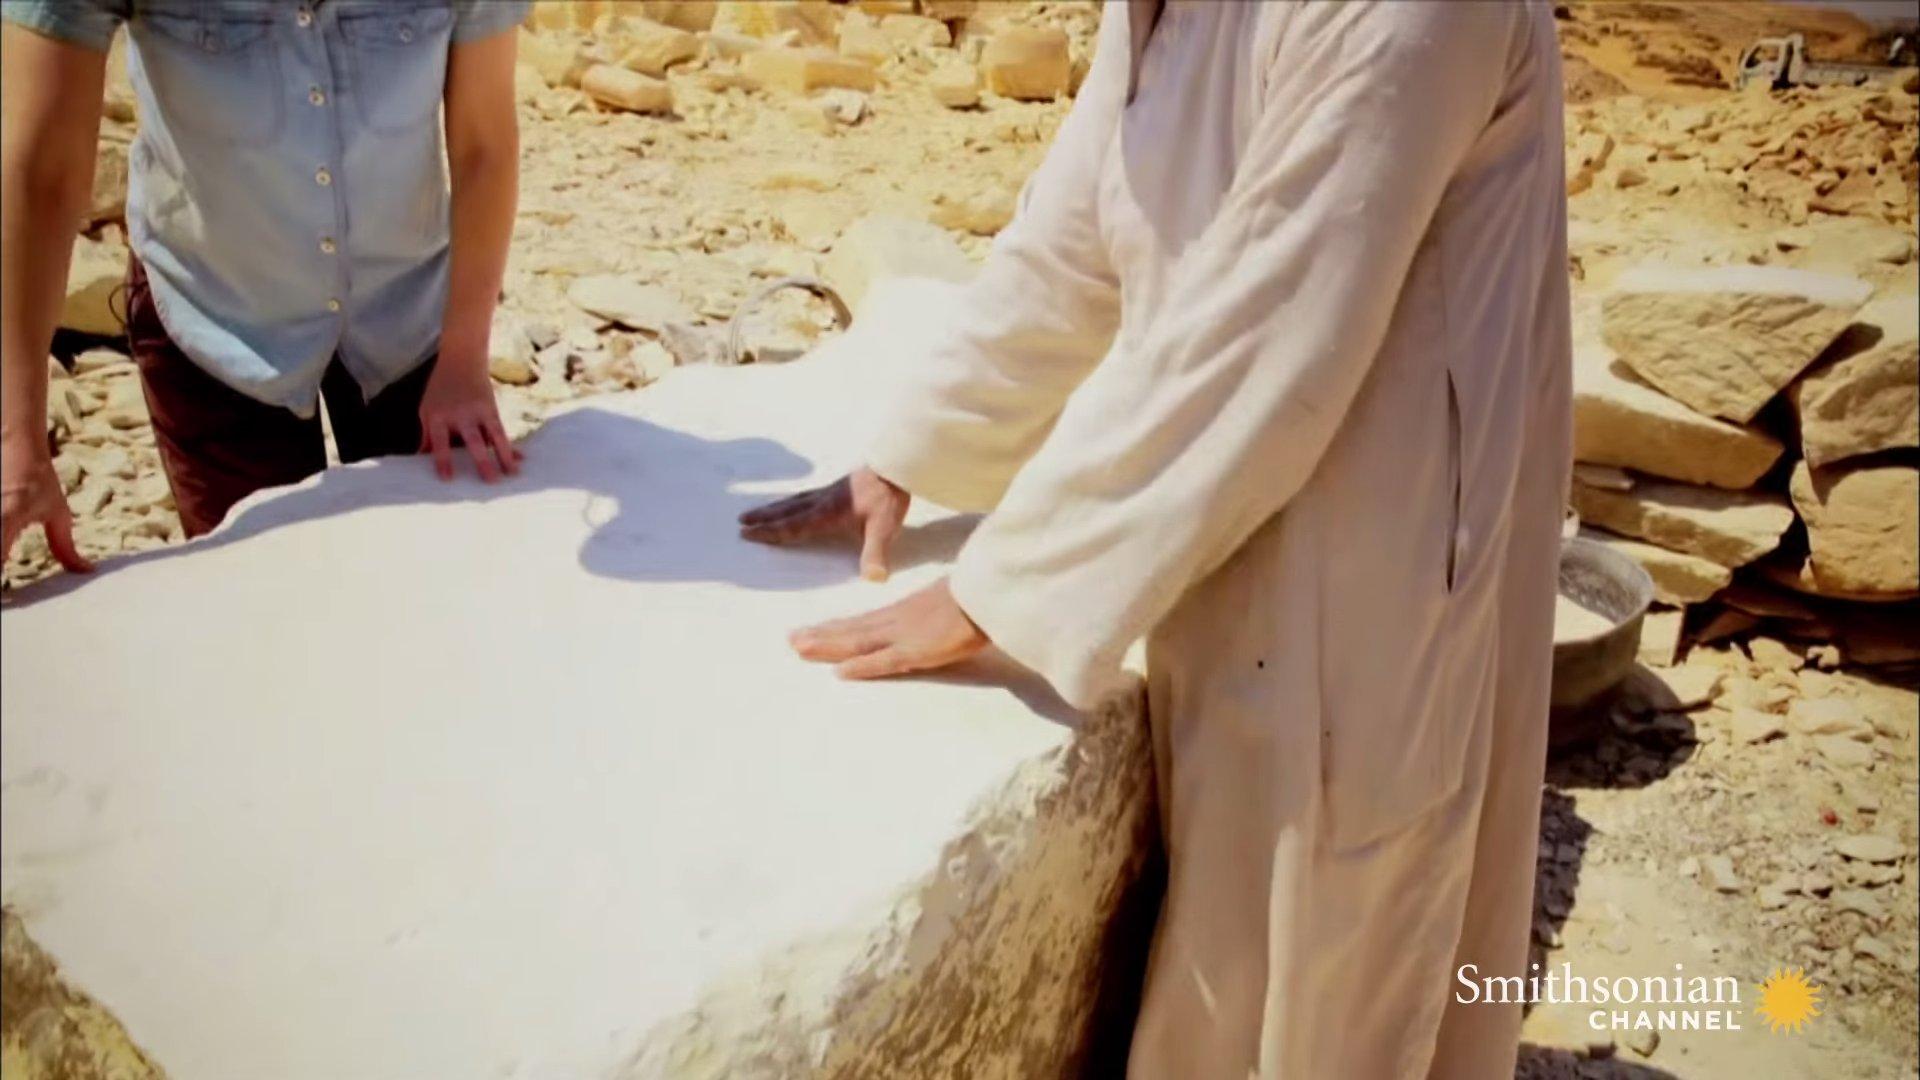 Một tảng đá vôi được đánh bóng, rất trắng và mịn (ảnh: Youtube/Smithsonian channel)